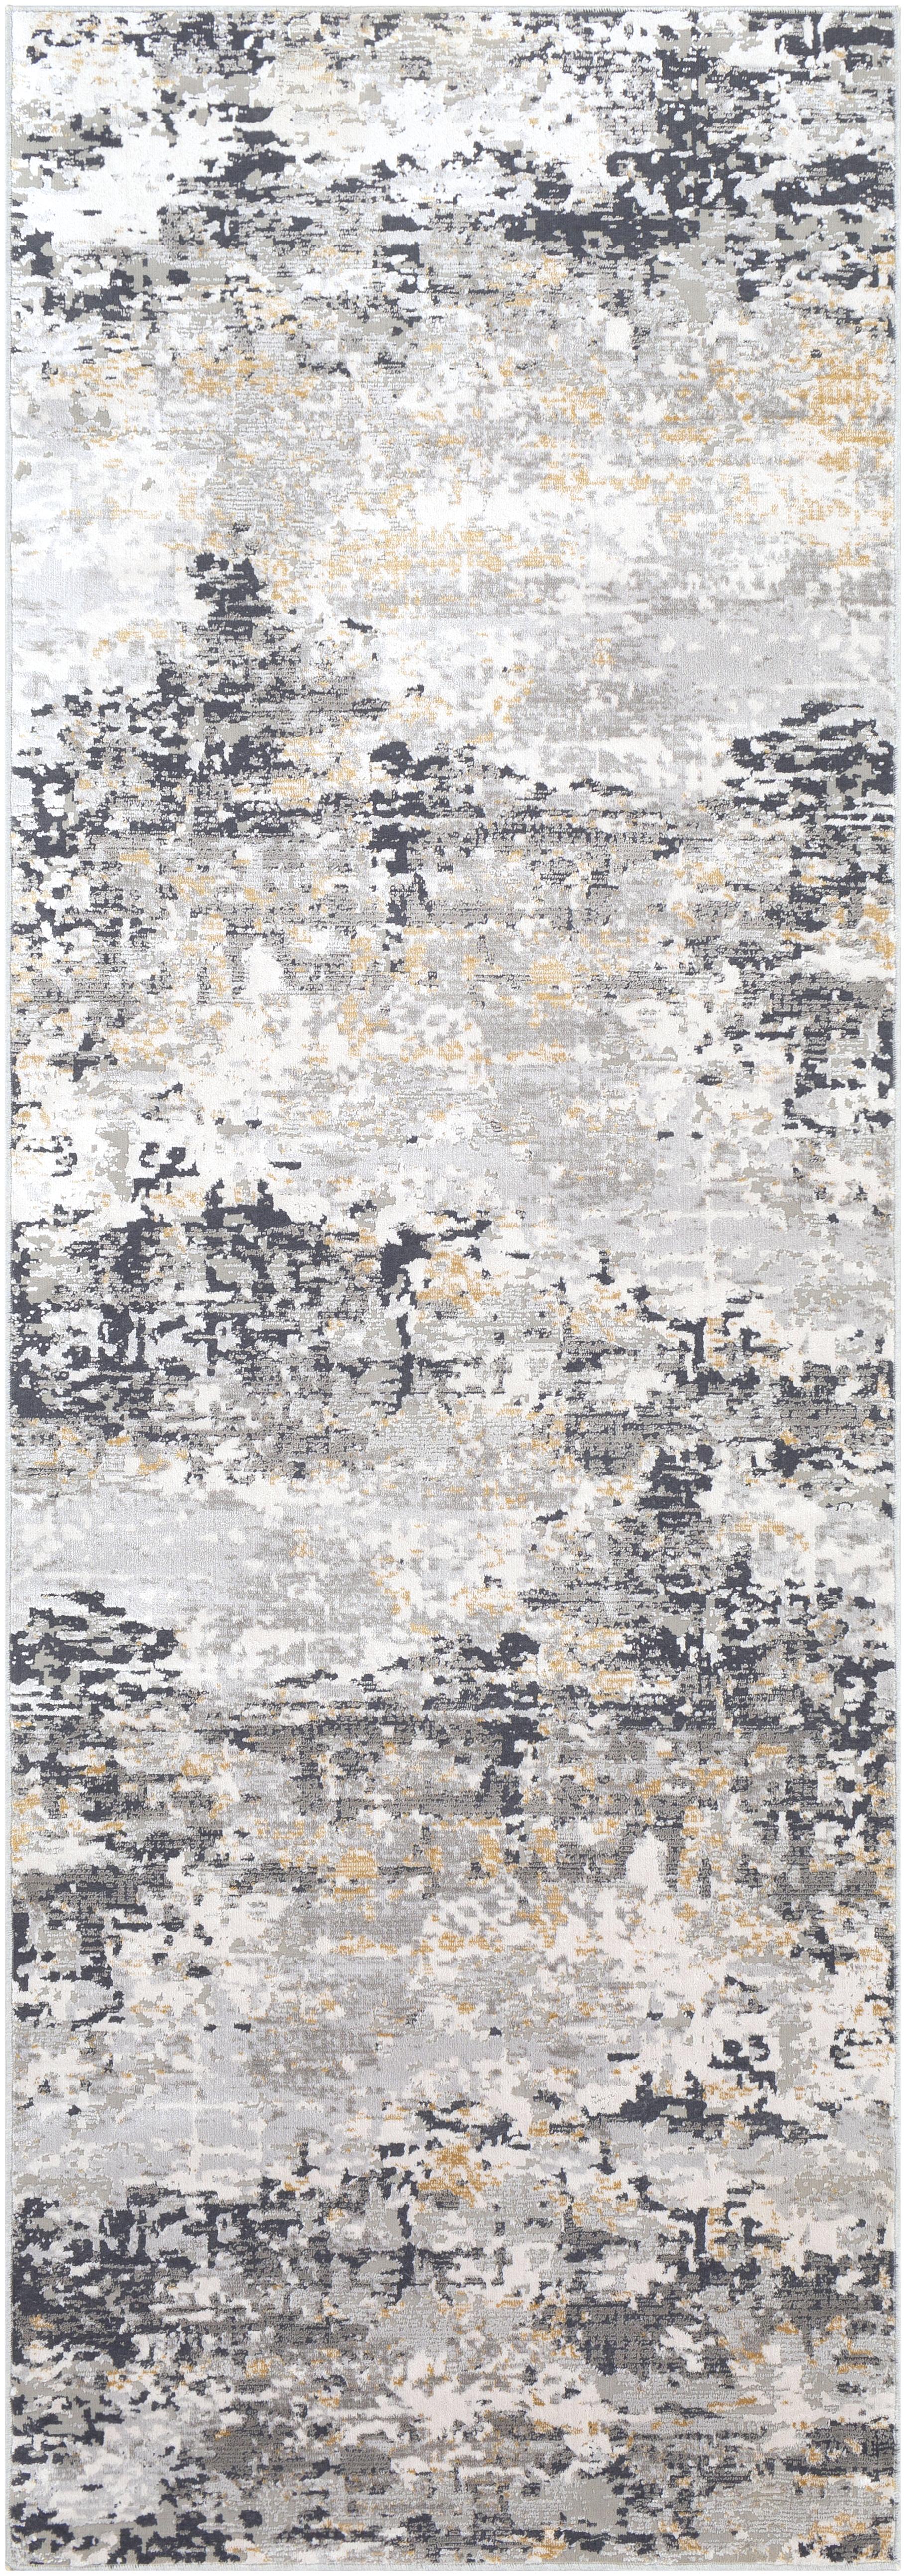 Light Grey, Tan, Charcoal Abstract Area Rug